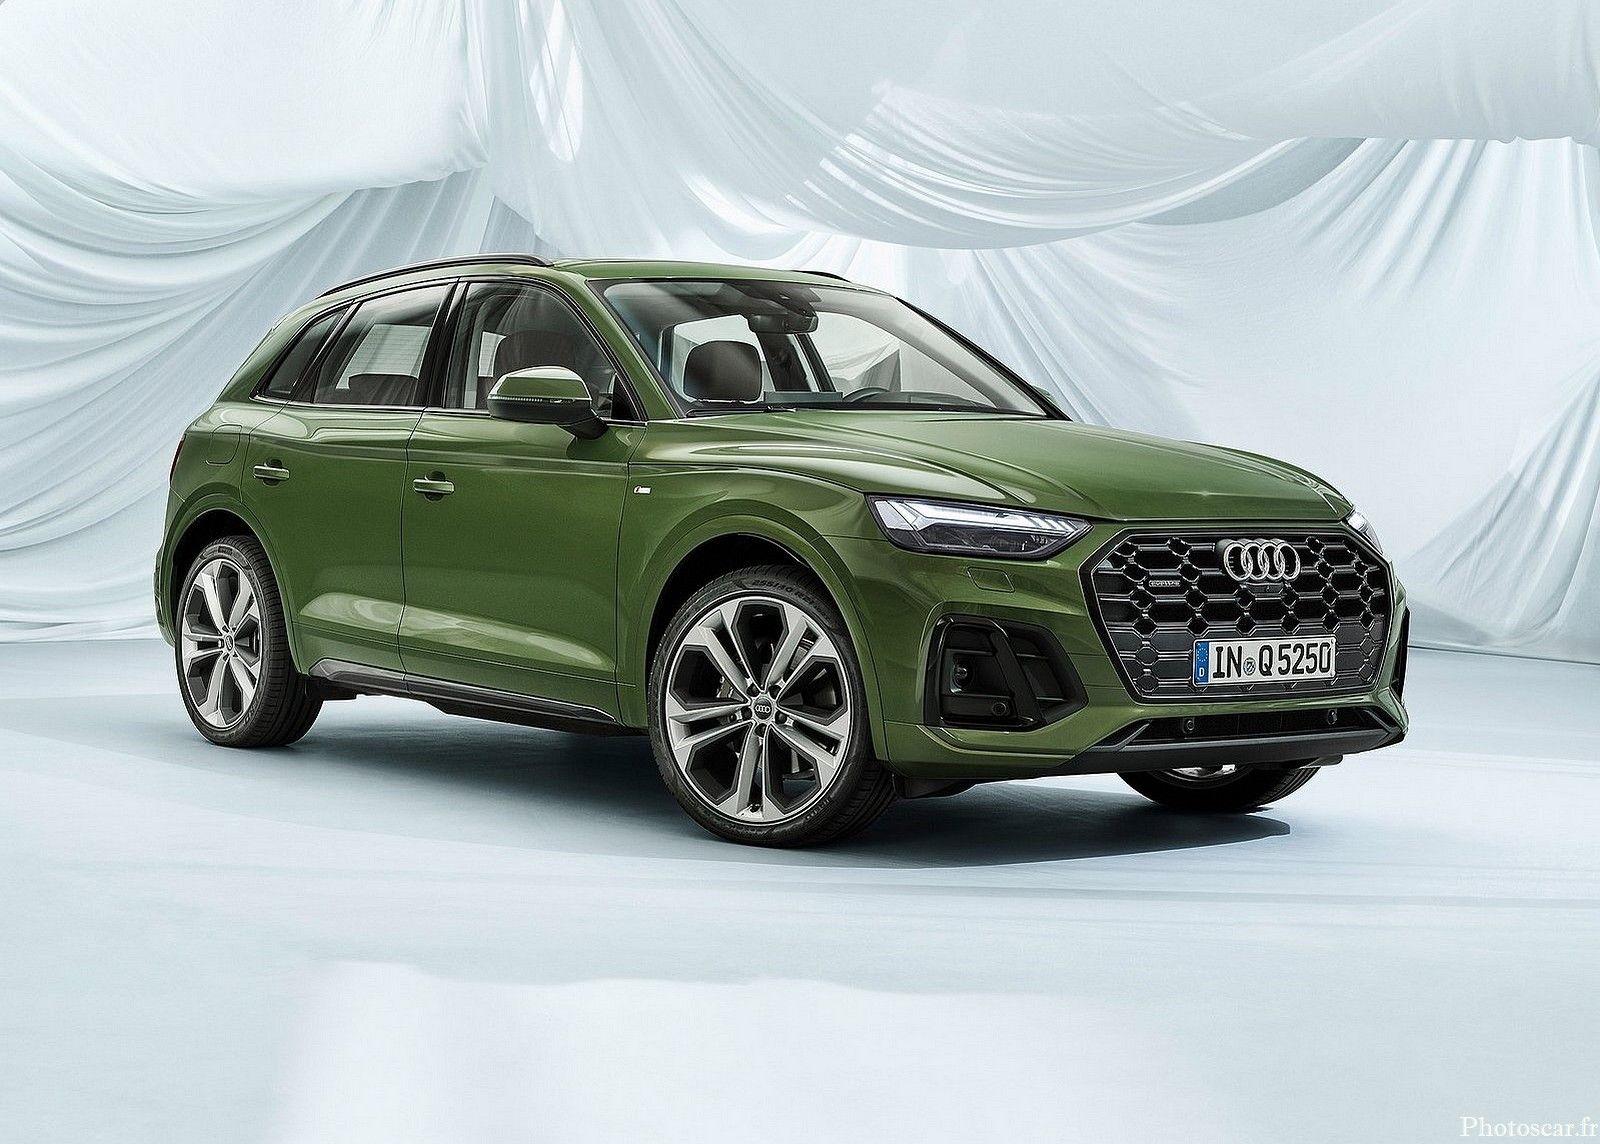 Audi Q5 2021 Un Véhicule Fonctionnel Pour La Circulation Urbaine 自動車 ドイツ